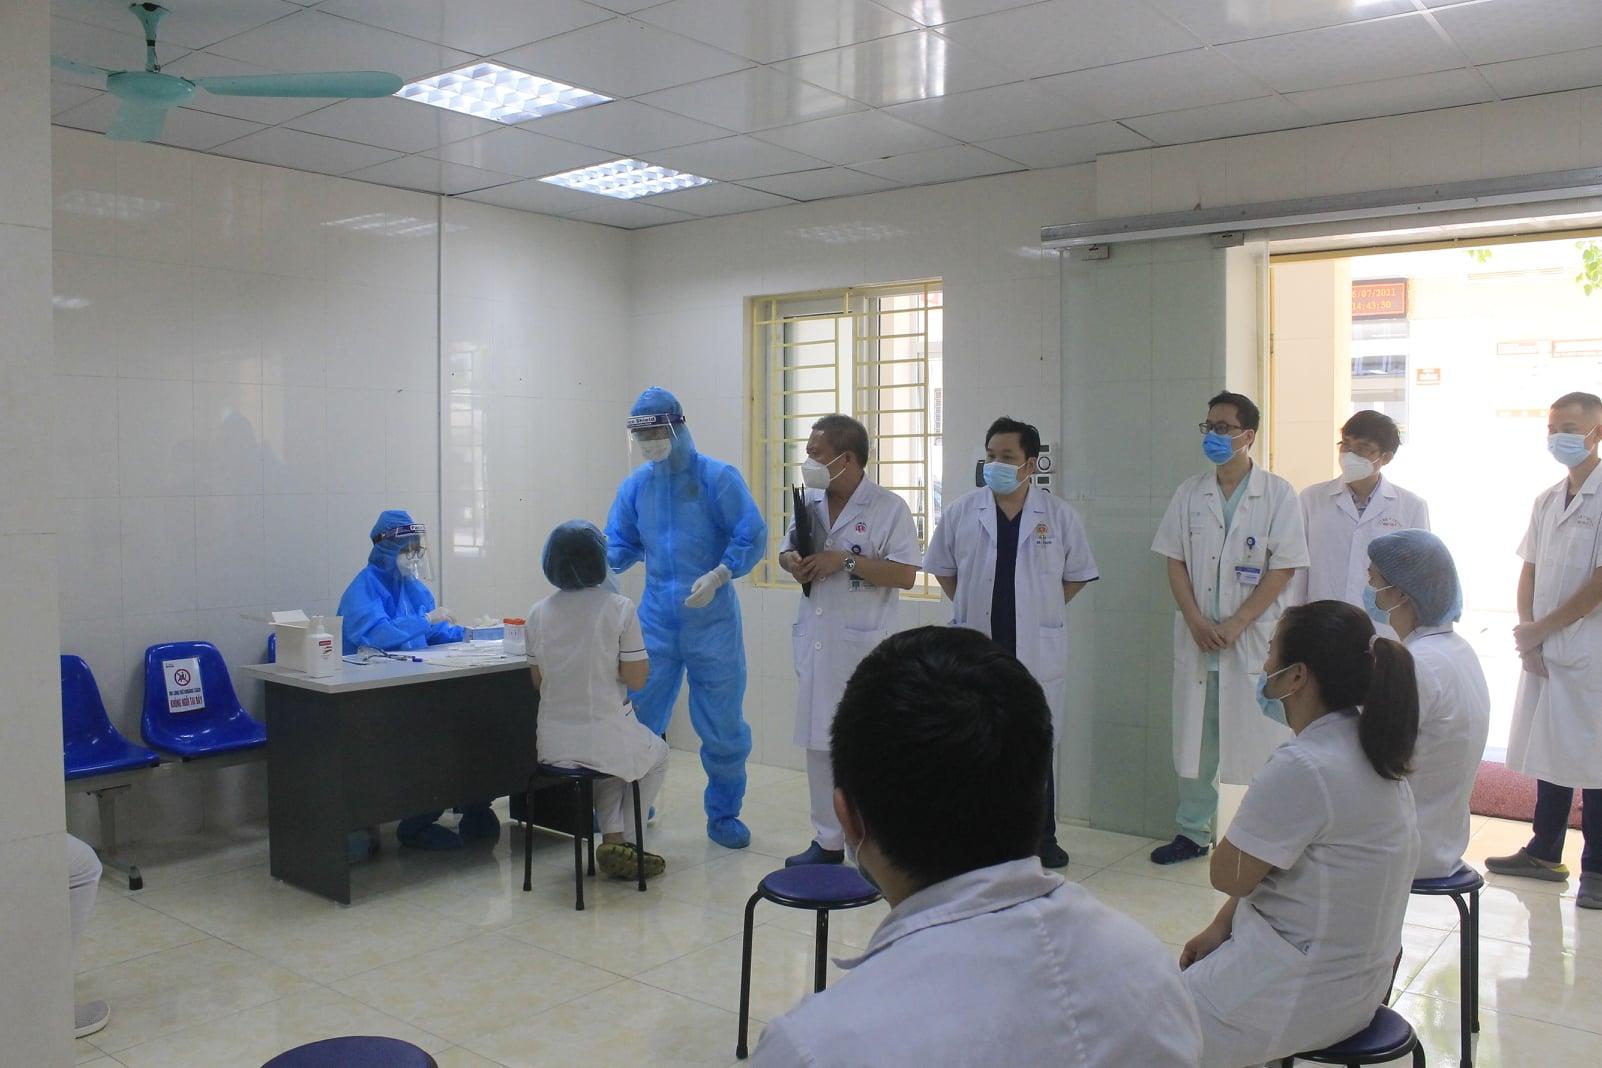 Dịch COVID-19 tại TP.HCM phức tạp, Bệnh viện E xuất quân chi viện - 1